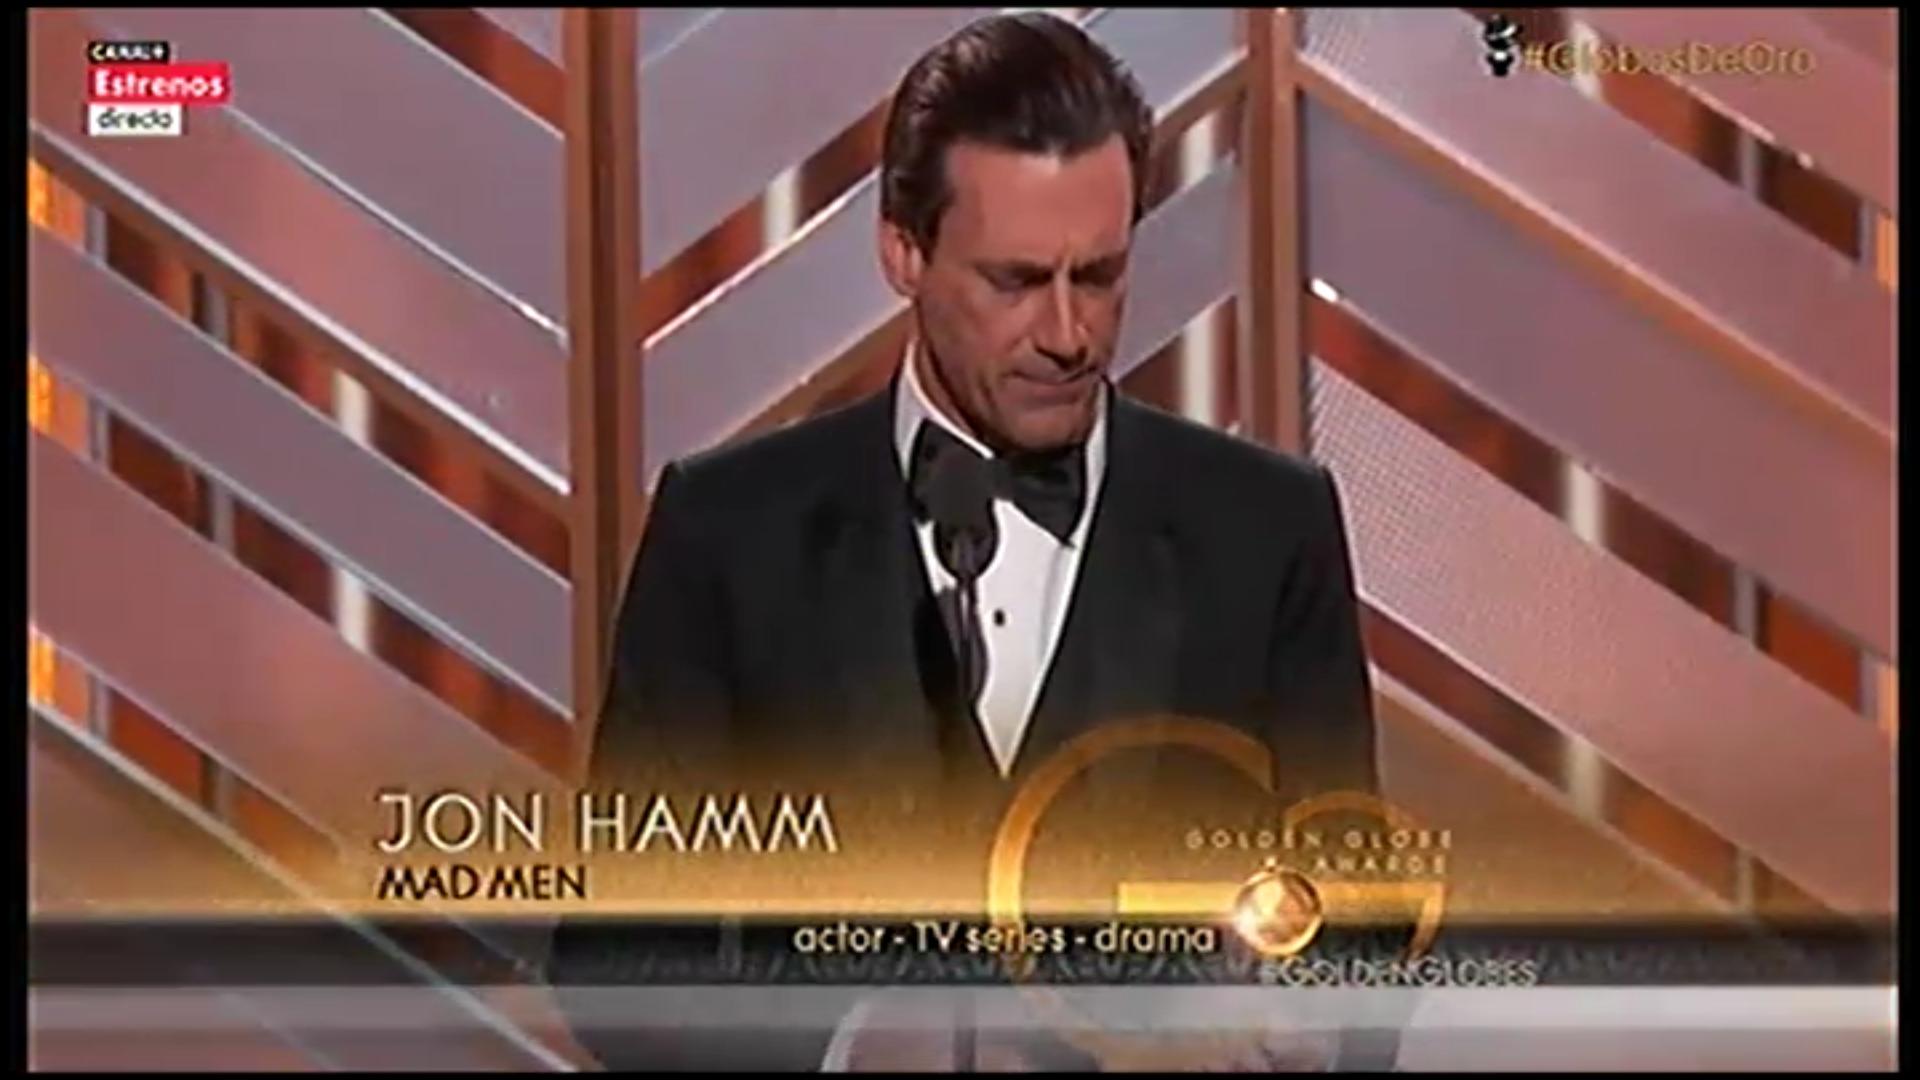 El actor Don Draper, recoge emocionado su Globo de Oro por 'Mad Men'